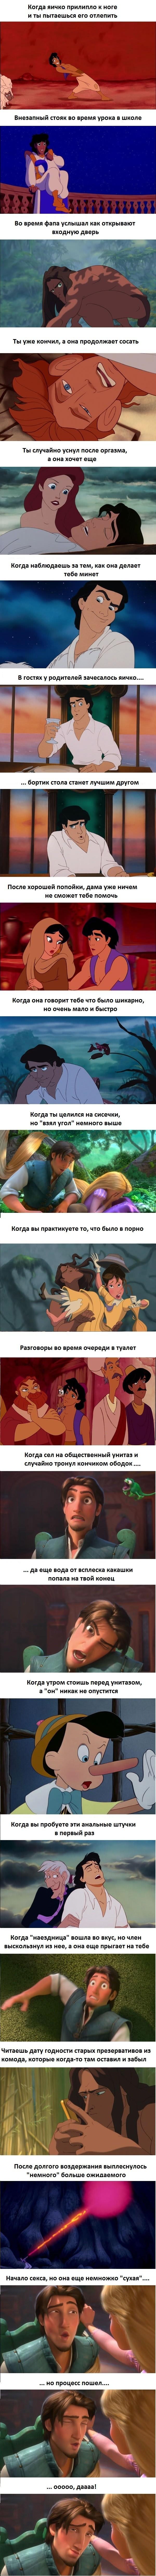 События, с которыми встречаются все, у кого есть член между ног на примере Диснеевских героев. :) Проблема, Walt Disney Company, Длиннопост